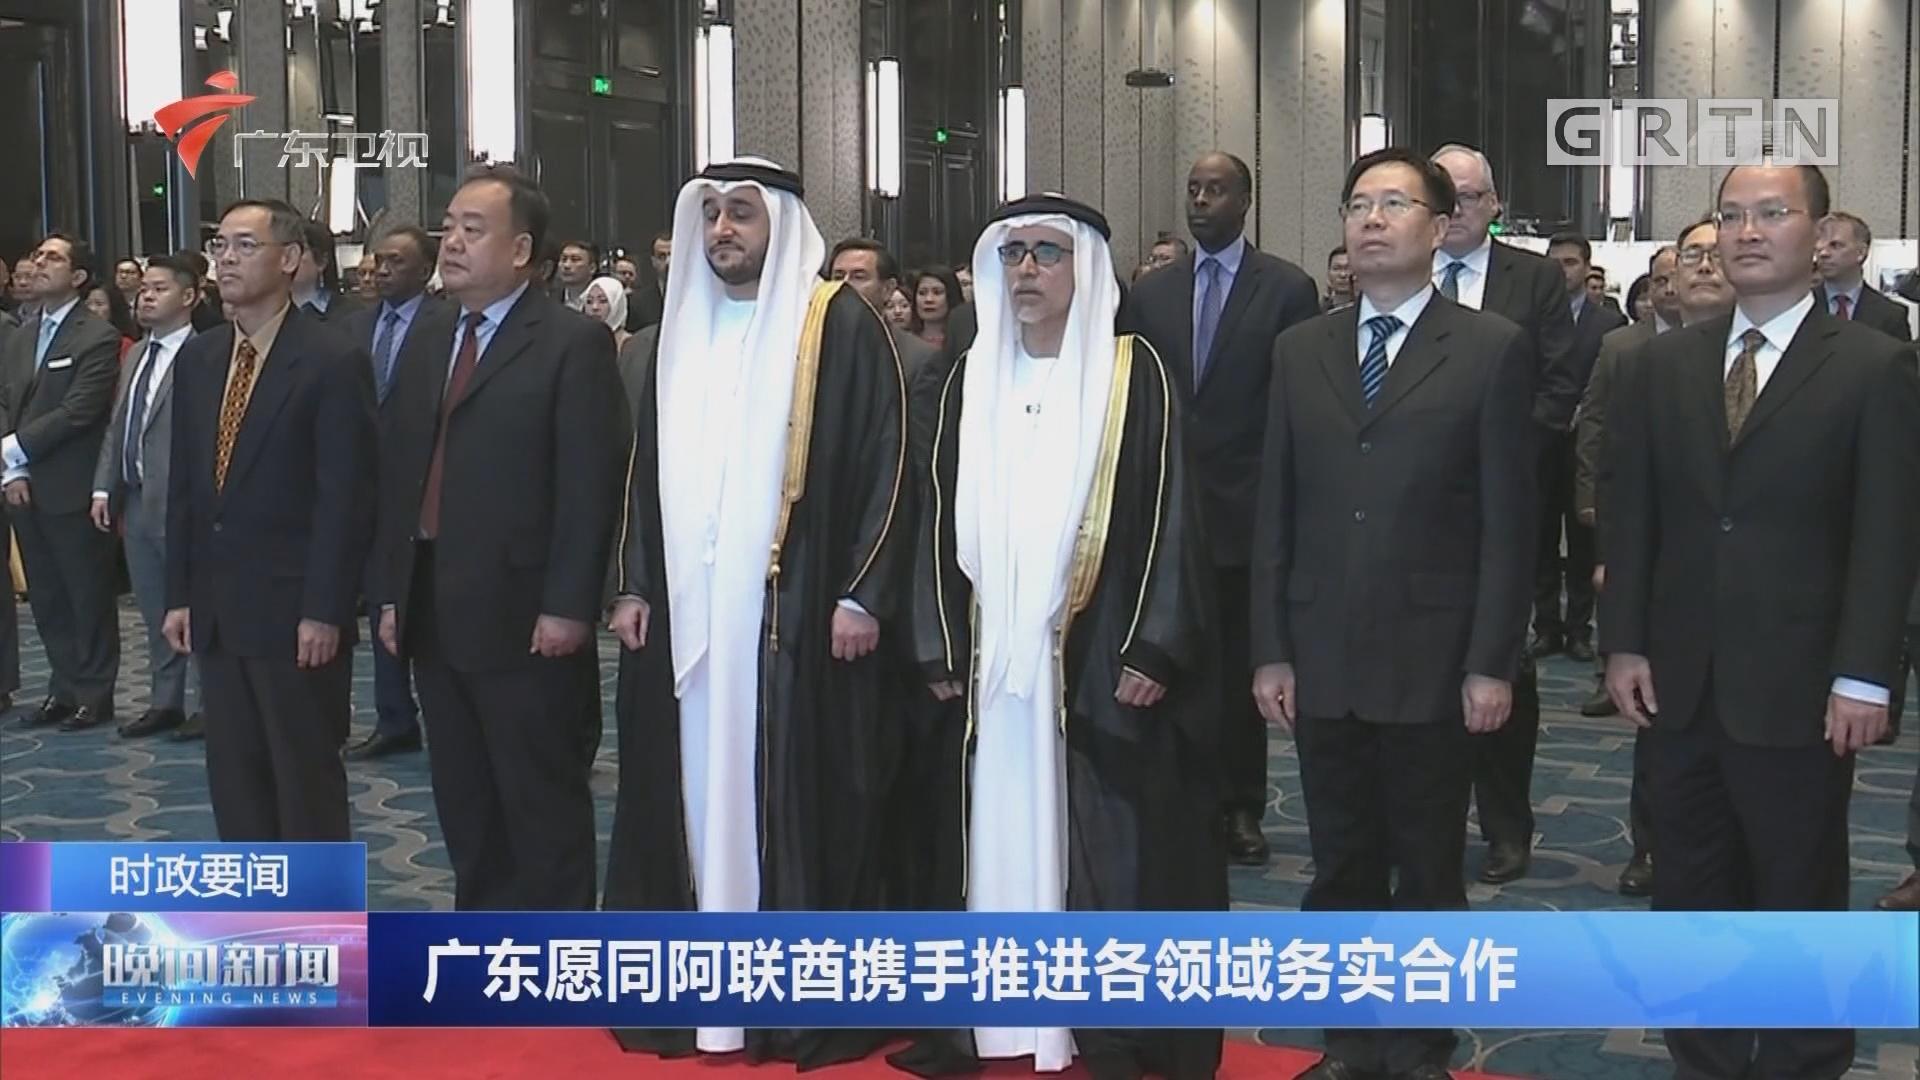 广东愿同阿联酋携手推进各领域务实合作